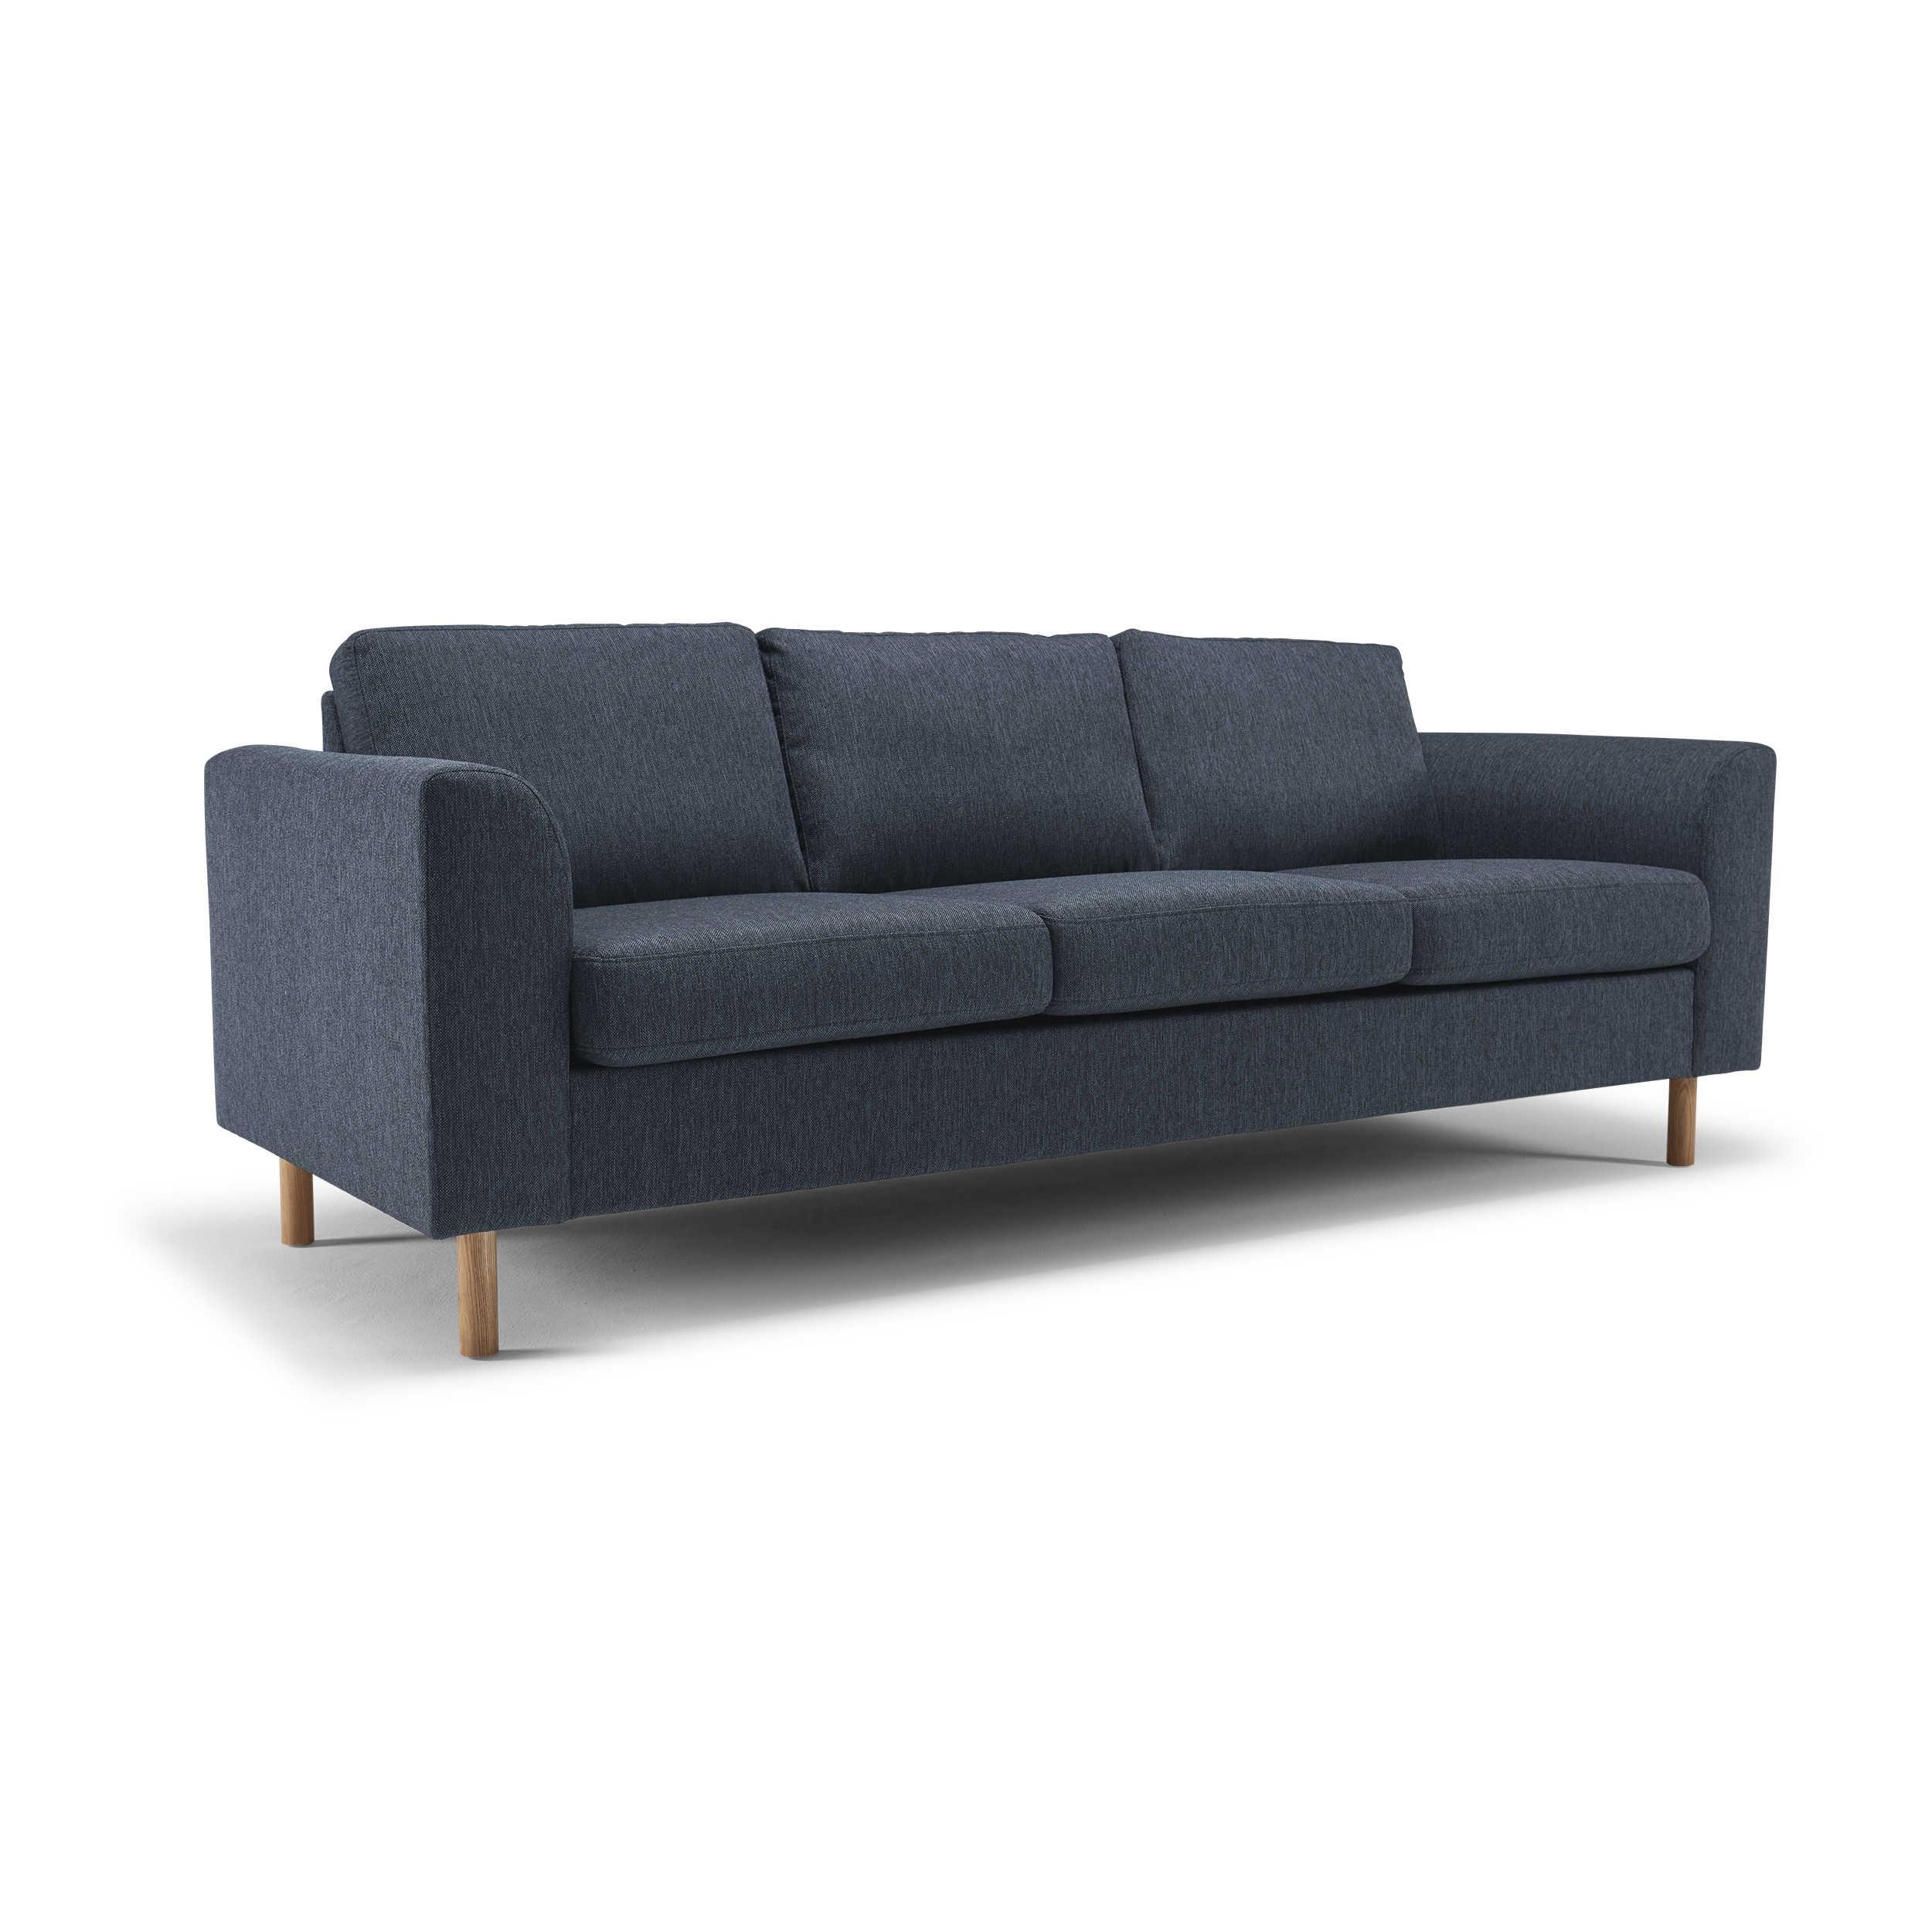 kragelund sofa k365 vida blau stoff online kaufen bei woonio. Black Bedroom Furniture Sets. Home Design Ideas